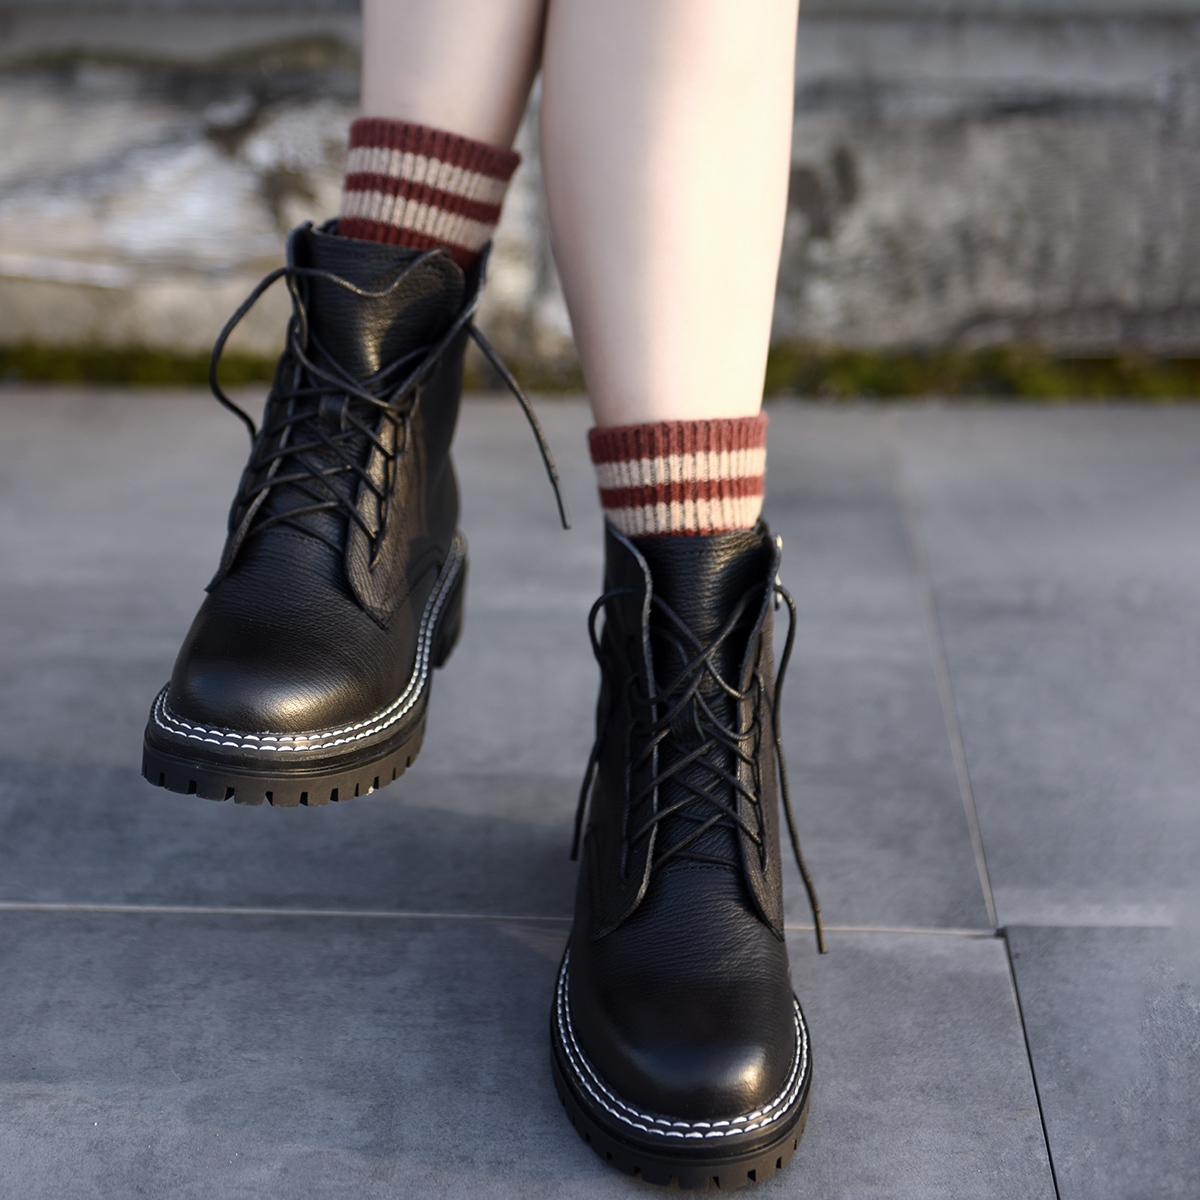 英伦短靴 Artmu阿木马丁靴女英伦风短靴网红女靴子新款机车靴厚底骑士靴_推荐淘宝好看的女英伦短靴